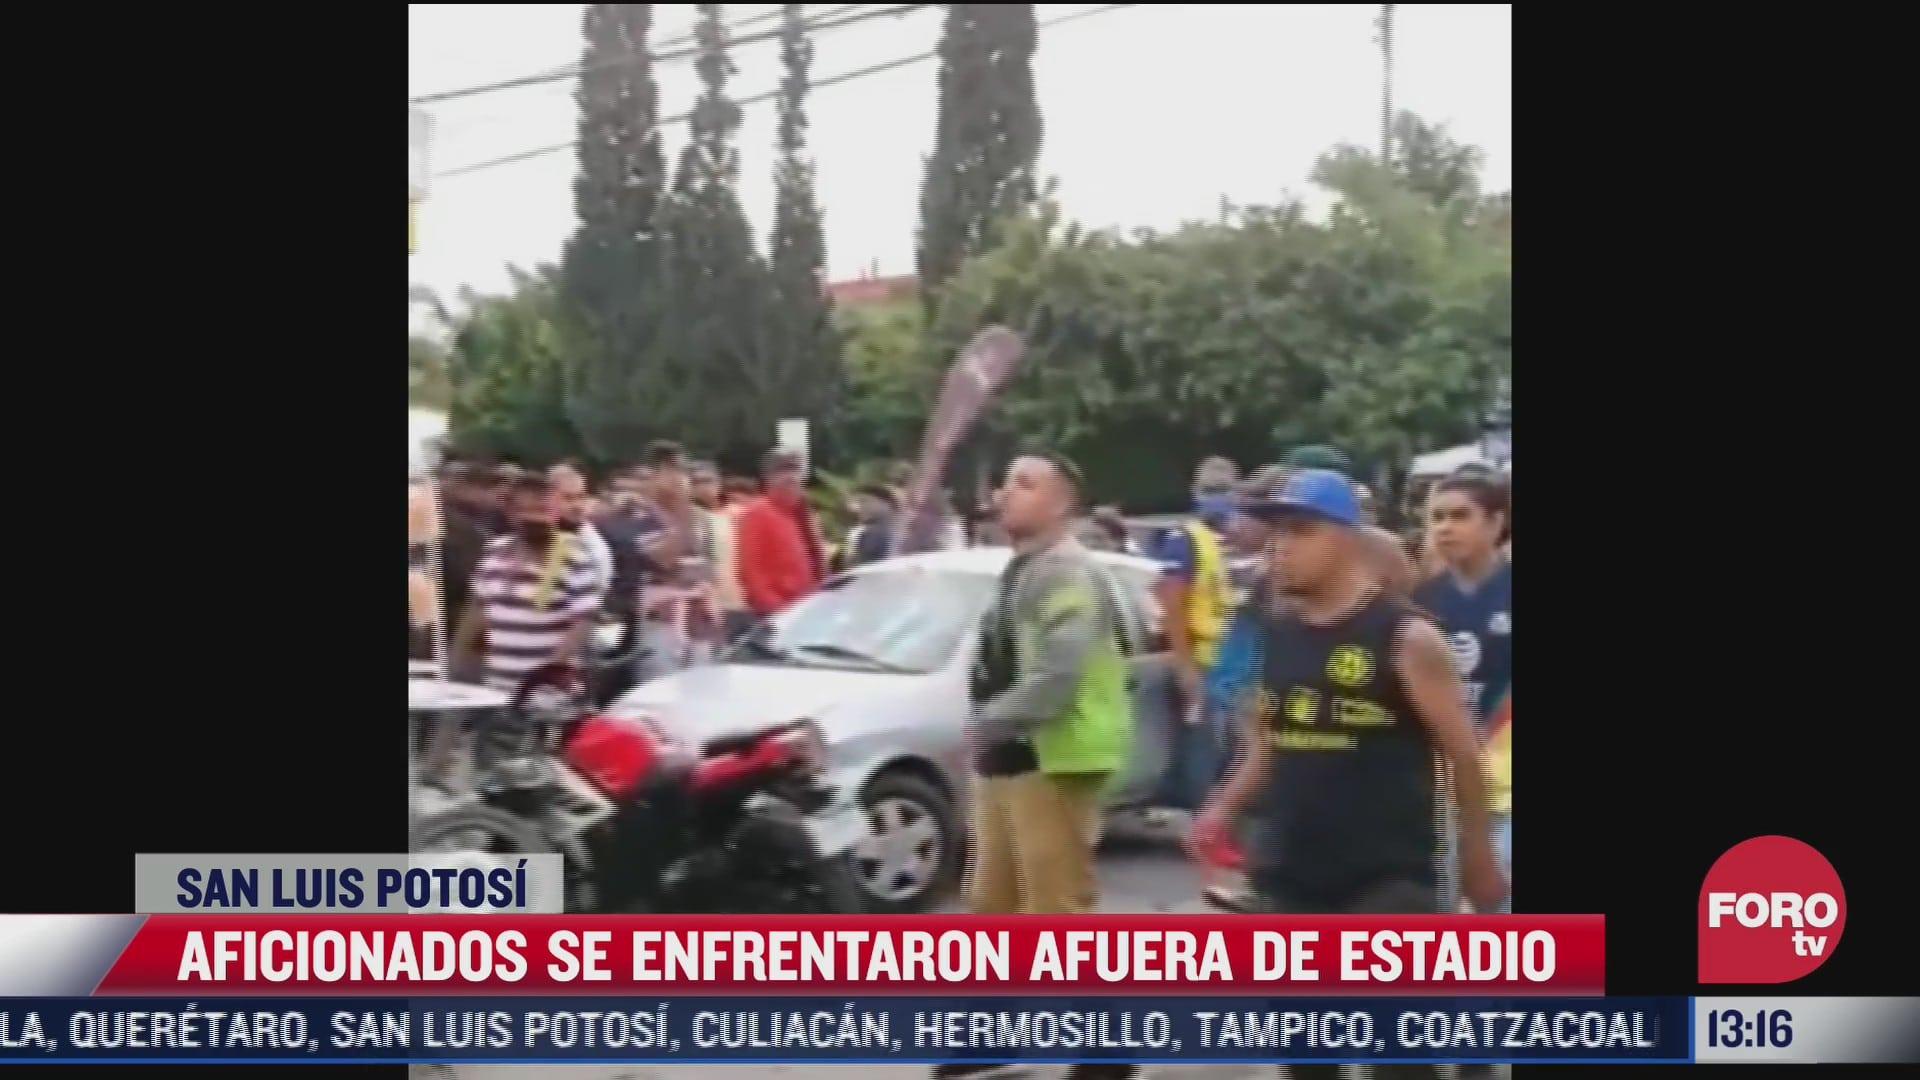 aficionados se enfrentaron afuera de estadio en slp